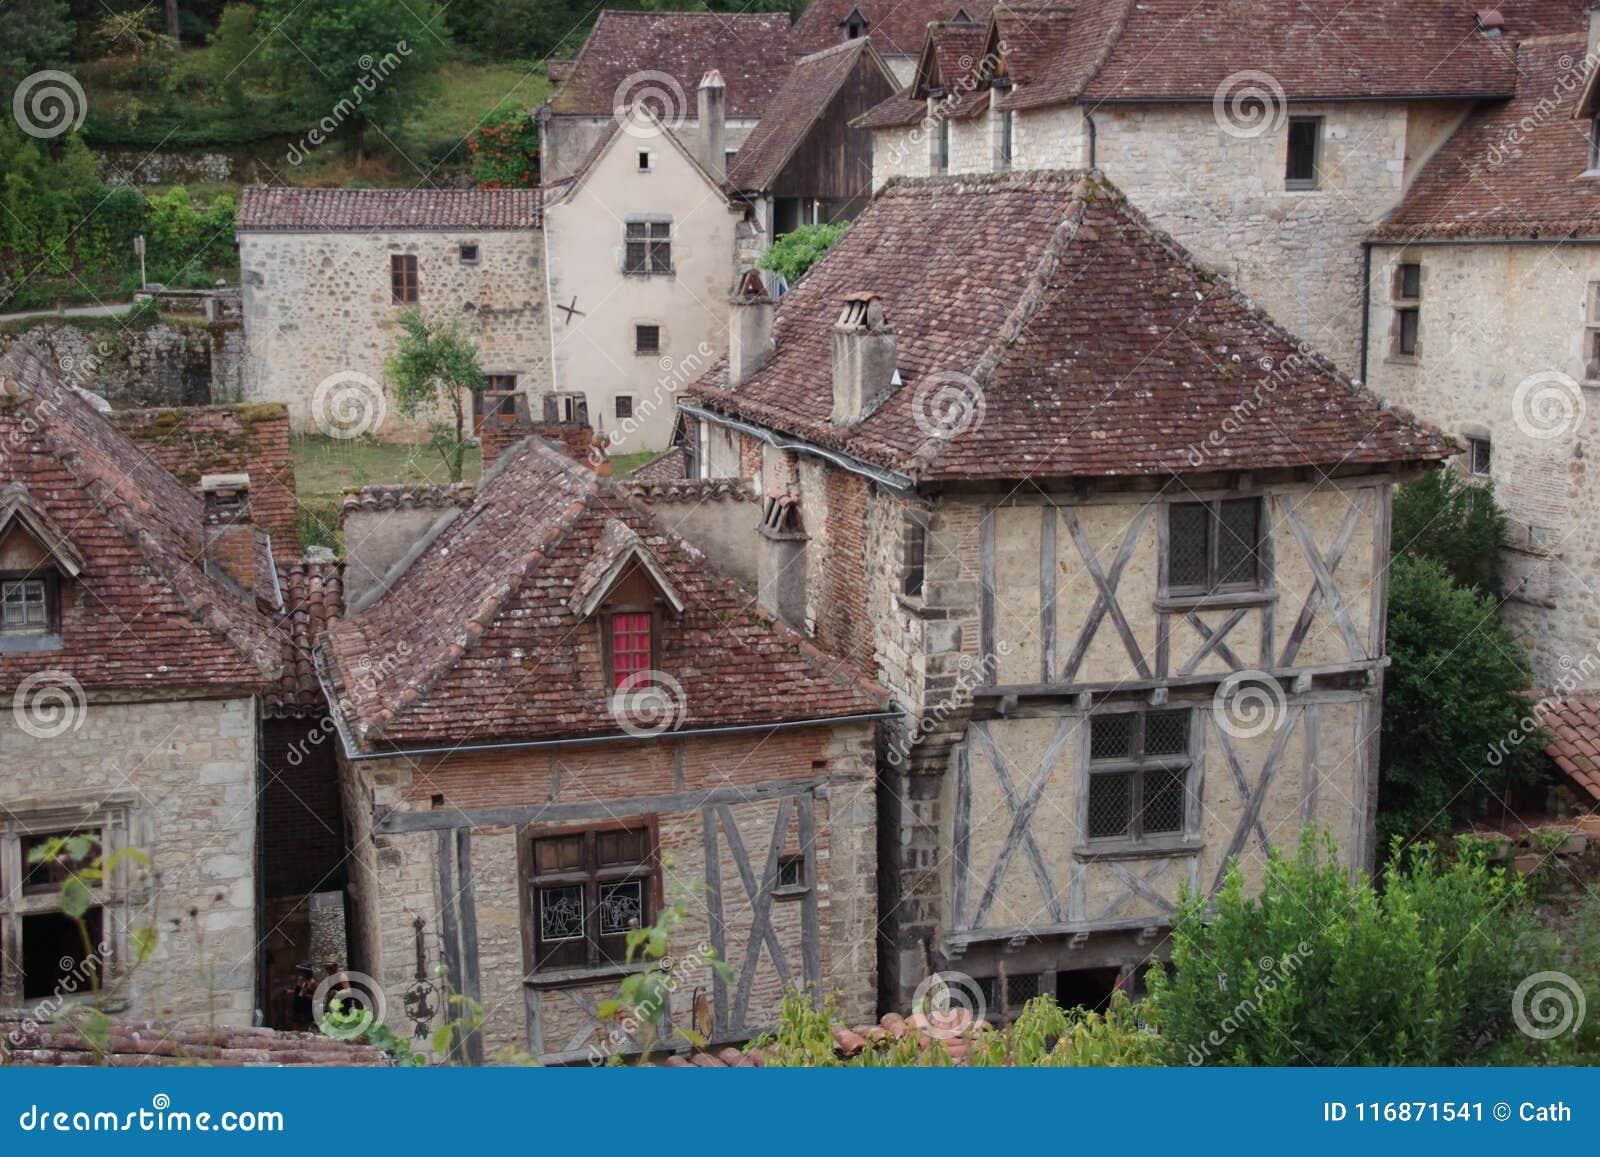 Case Di Pietra E Legno : Vecchie case casa a graticcio periodi medievali miscela della